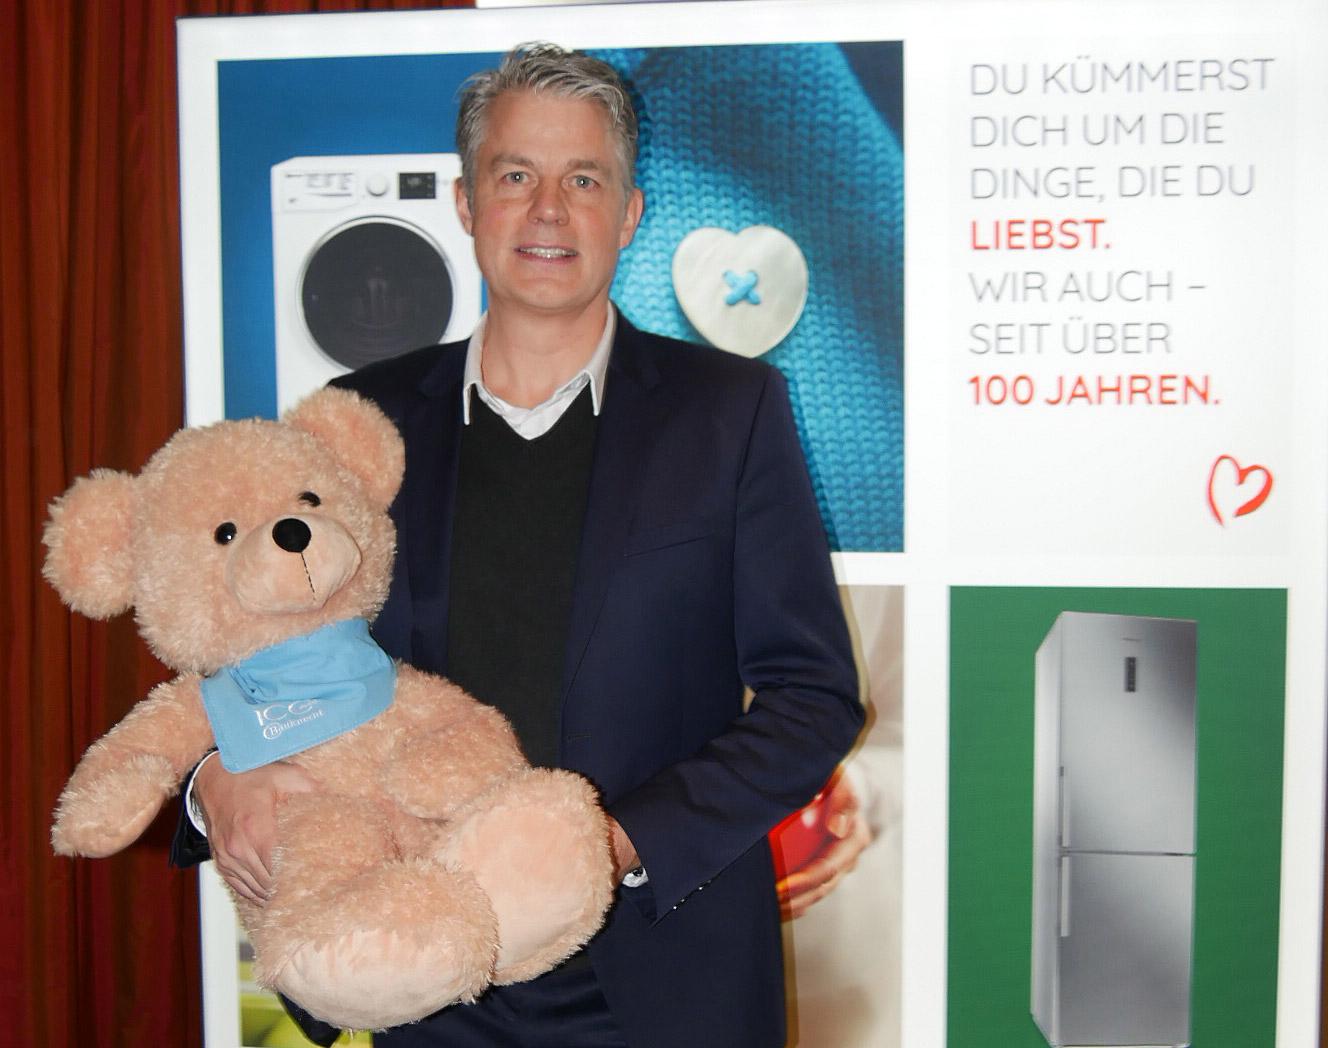 Mehr Wärme, Nähe und Geborgenheit: Jens-Christoph Bidlingmaier, Vorsitzender der Bauknecht-Geschäftsführung, stellte das neue Key Visual vor.